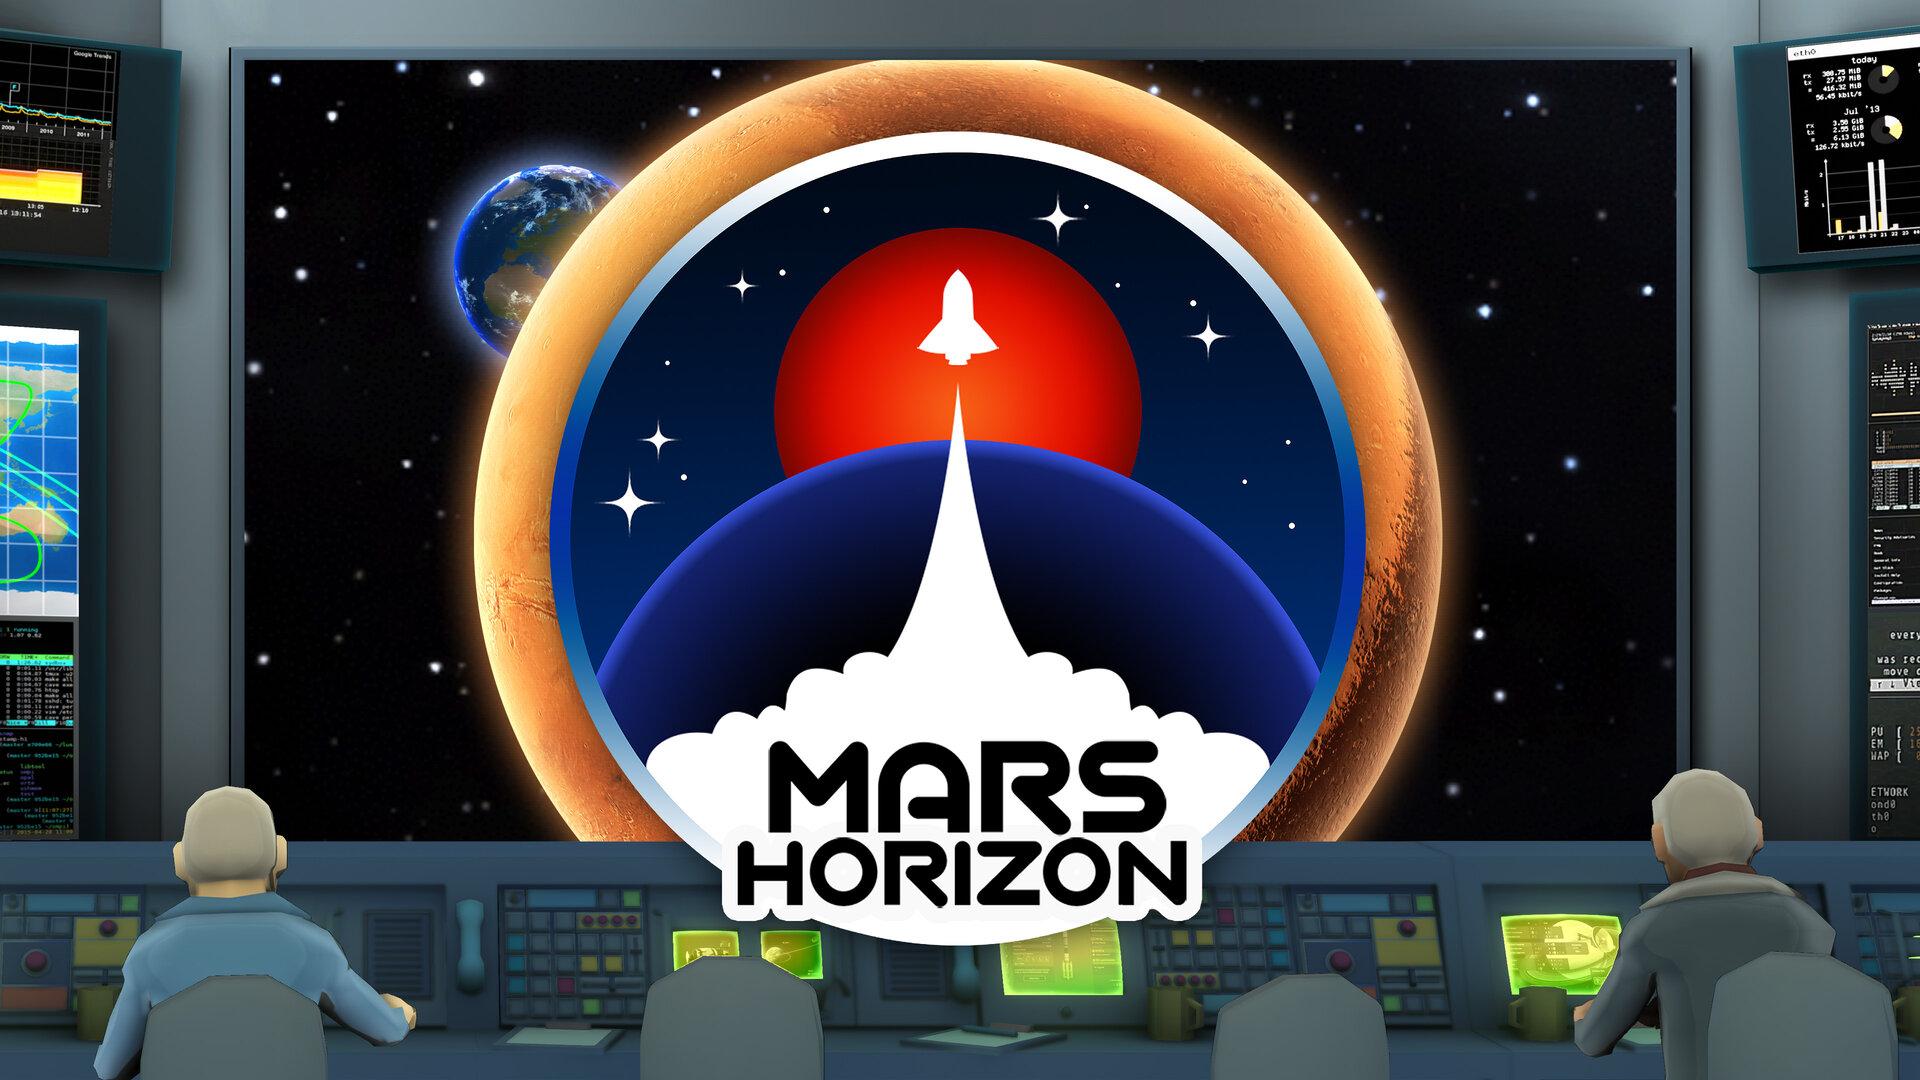 """L'ESA sort un jeu vidéo """"Mars Horizon"""" en collaboration avec le studio Auroch Digital"""